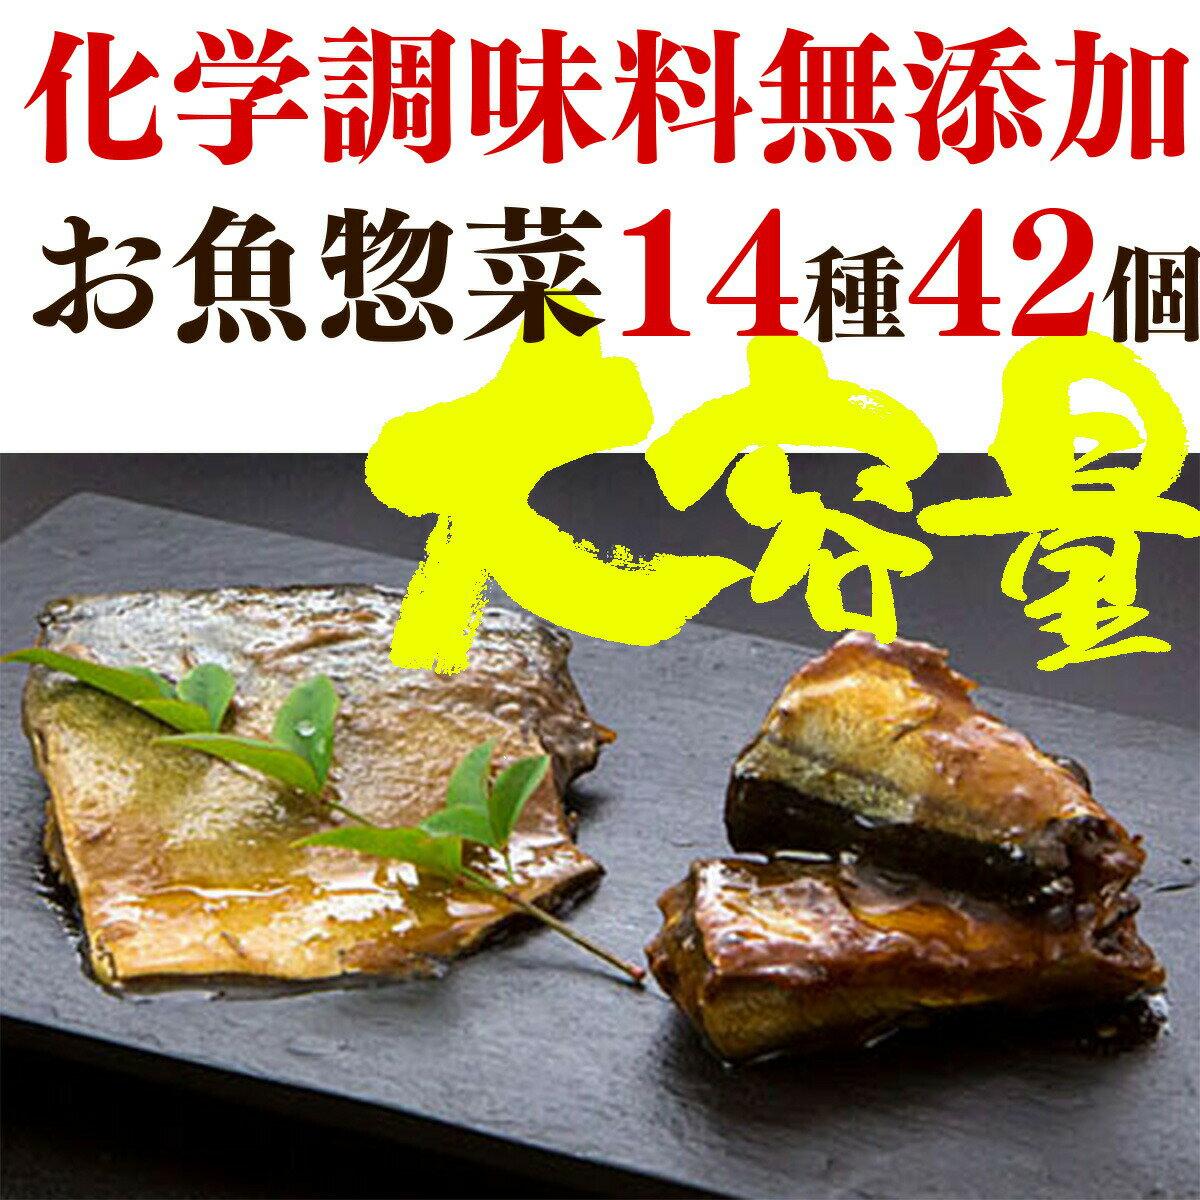 【ふるさと納税】こだわりお魚惣菜特盛セット